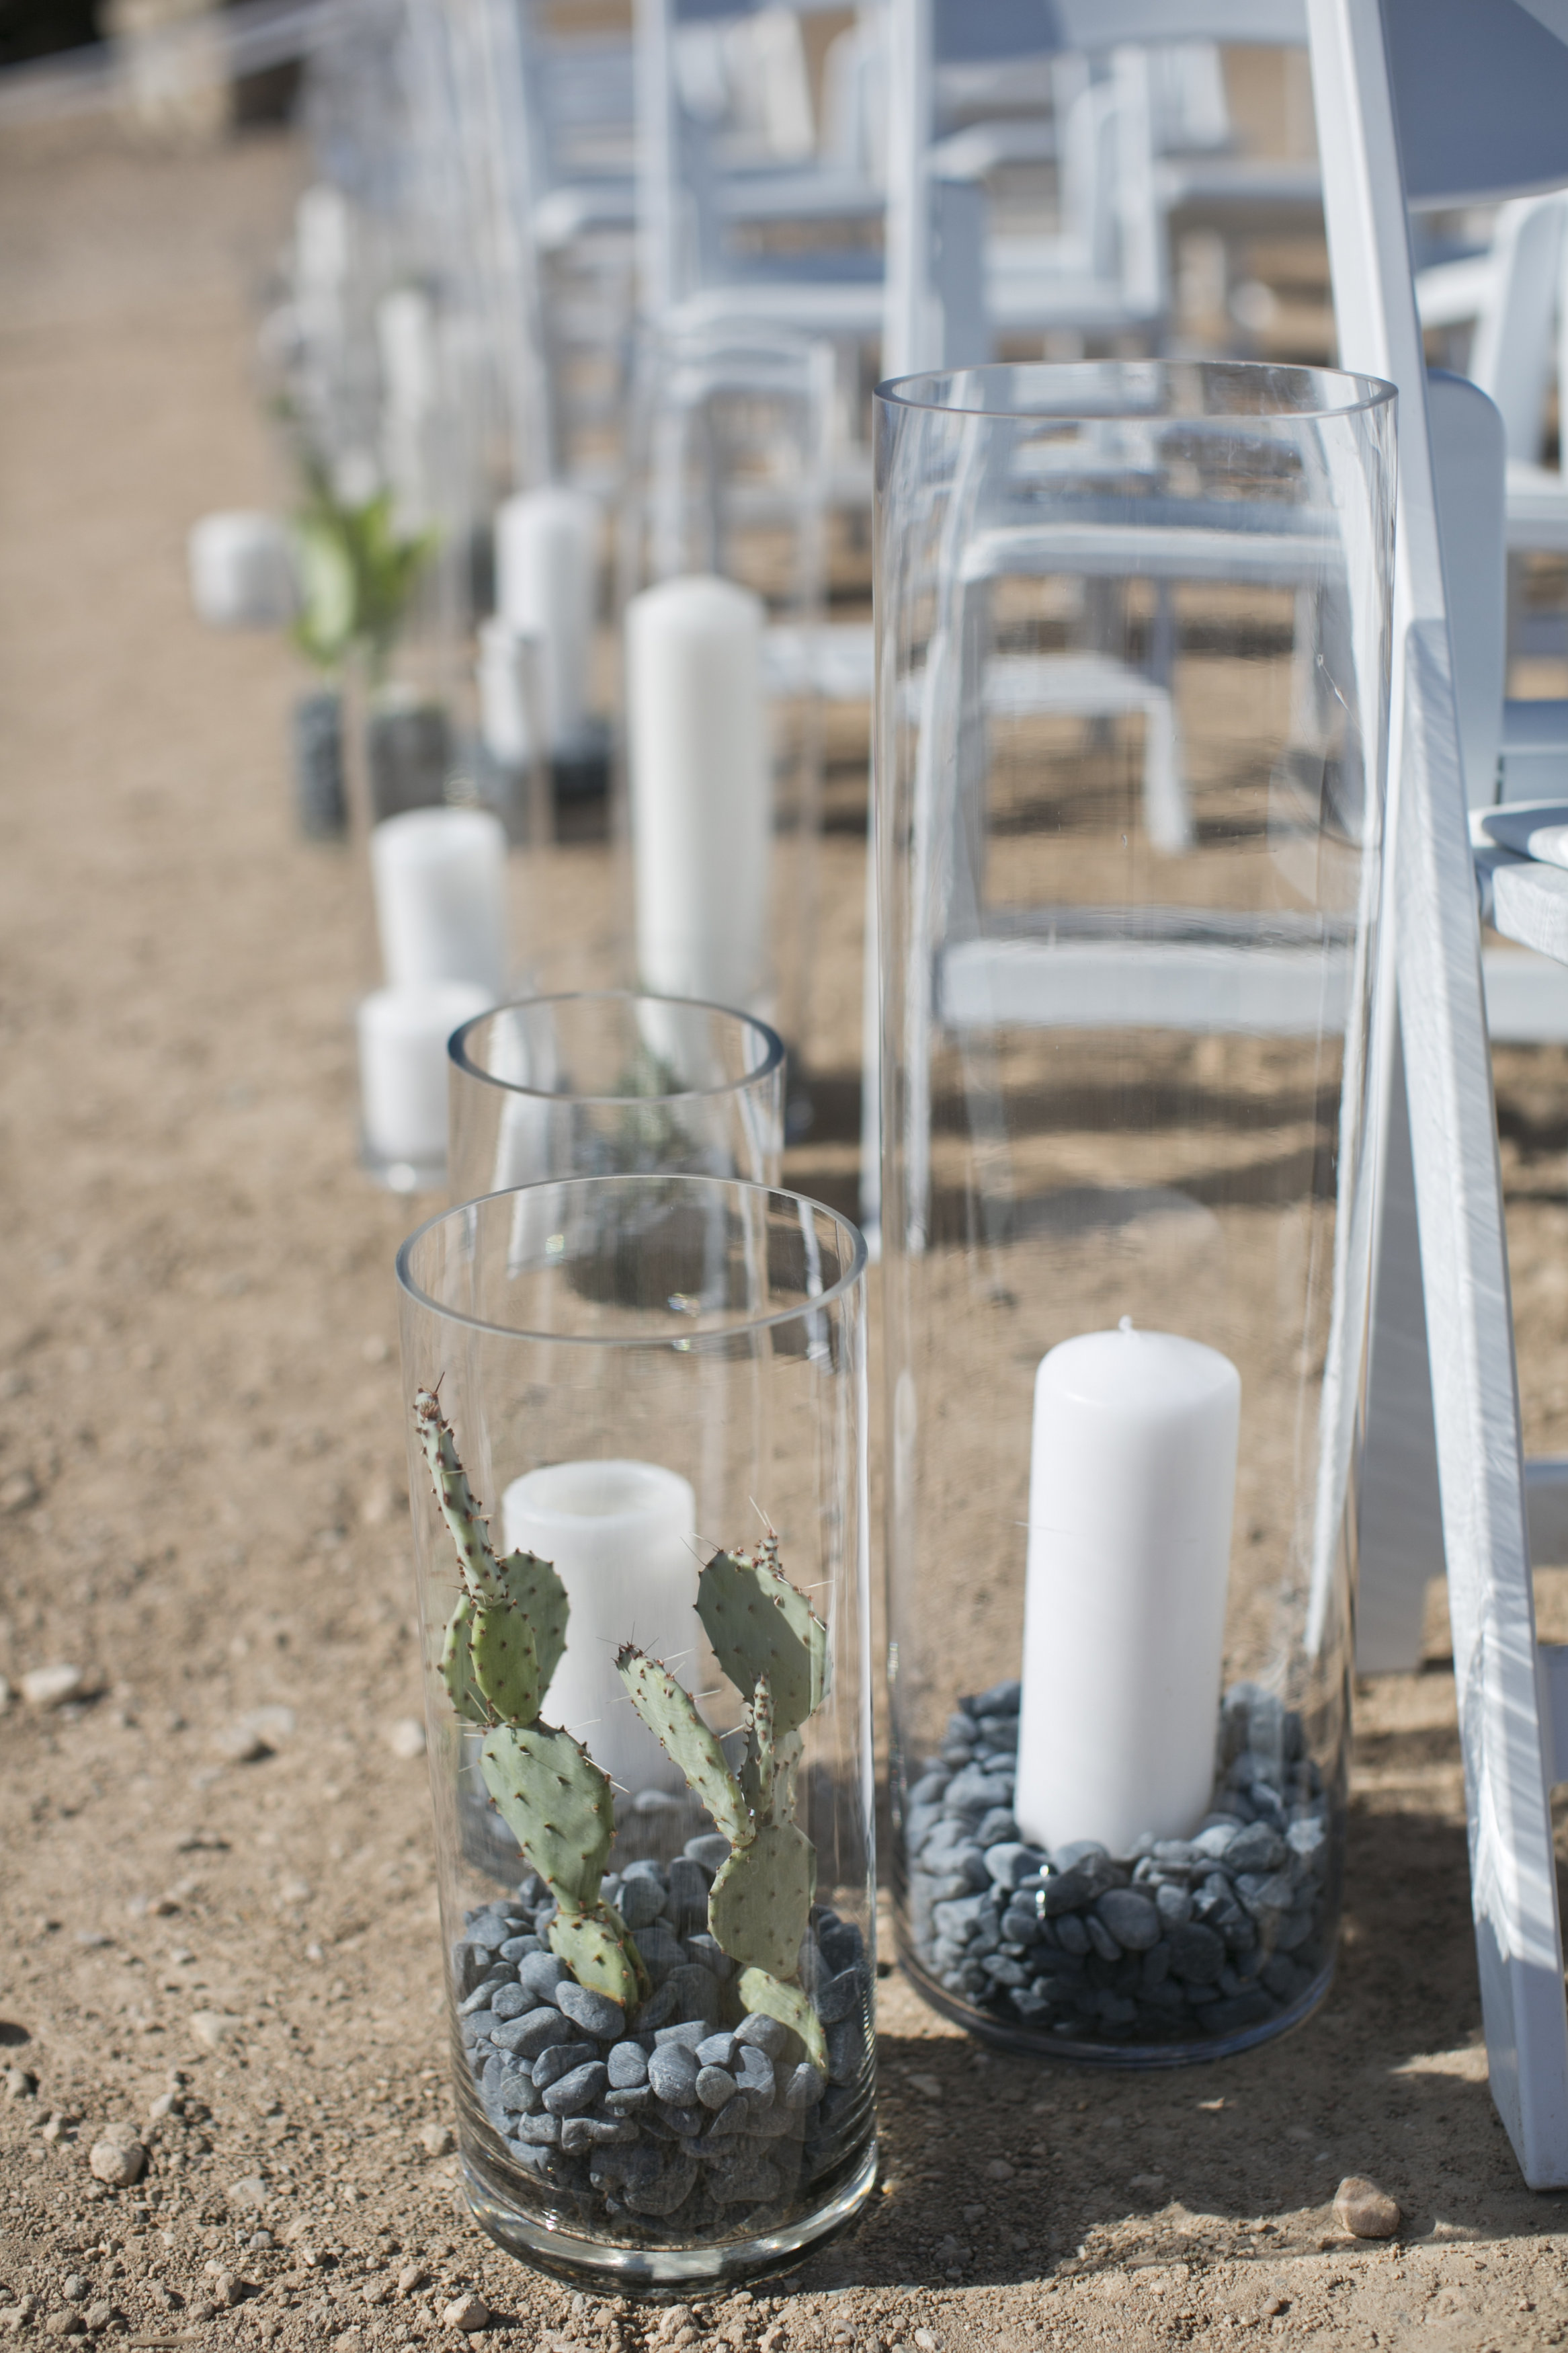 Ceci_New_York_Ceci_Style_Ceci_Johnson_Luxury_Lifestyle_Arizona_Wedding_Watercolor_Inspiration_Design_Custom_Couture_Personalized_Invitations_87.jpg